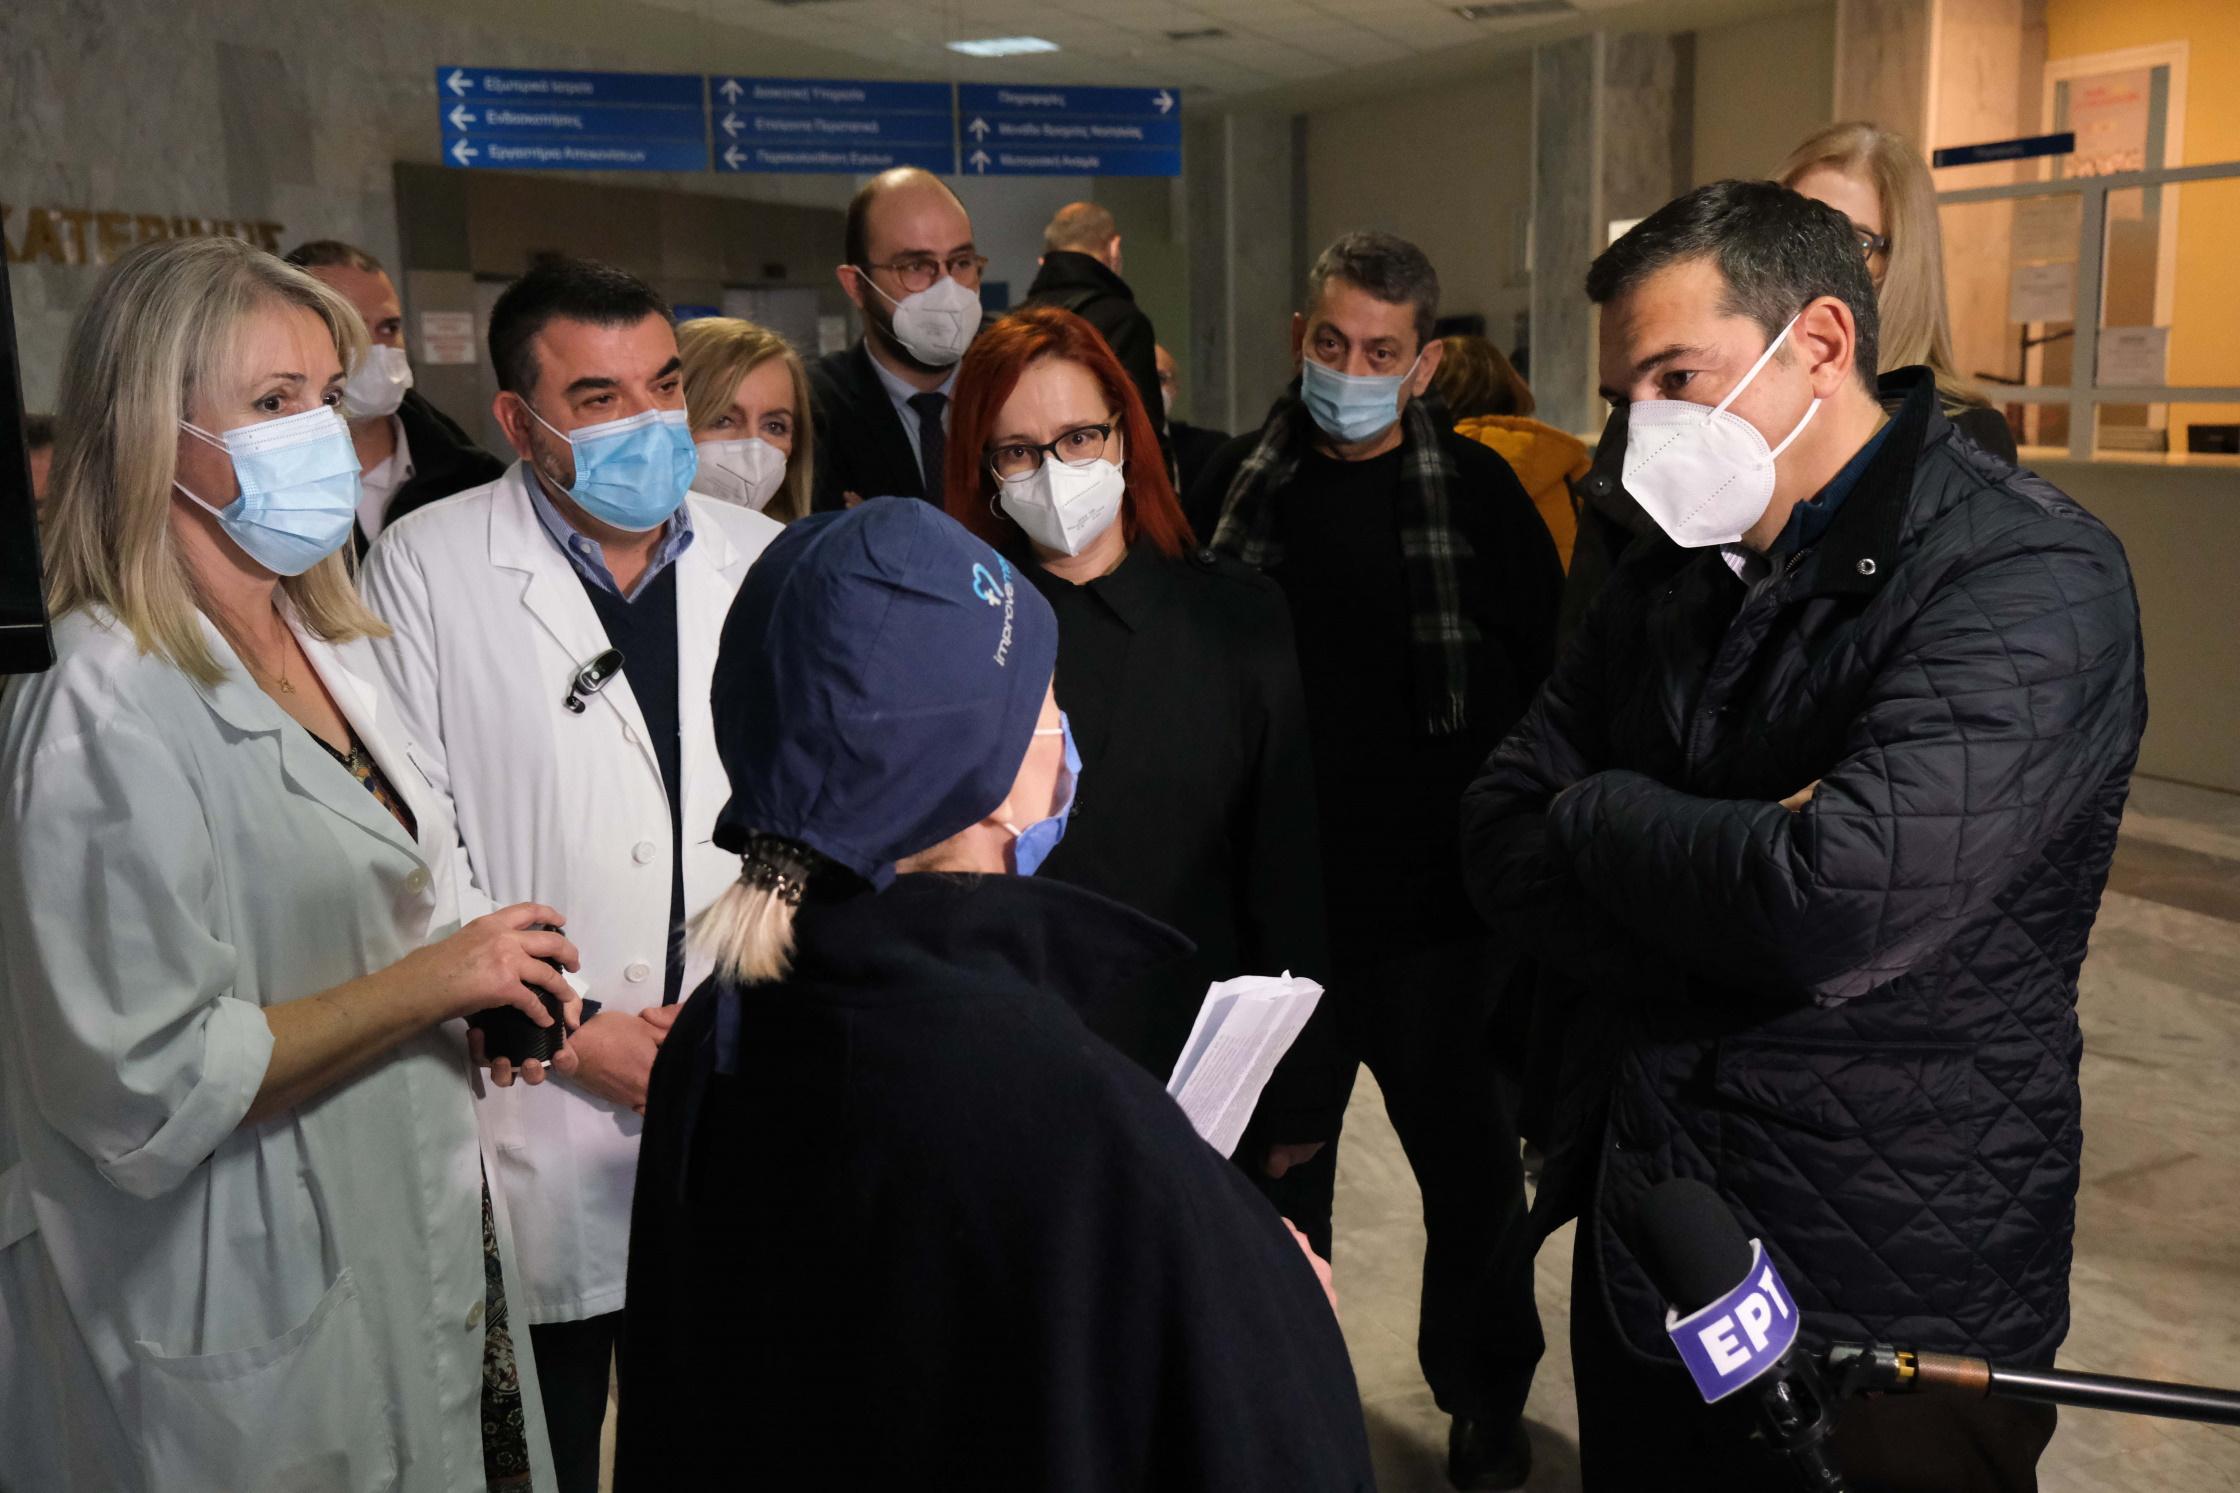 Τσίπρας στην Κατερίνη: Κίνδυνος τρίτου κύματος χωρίς ενίσχυση του ΕΣΥ και μαζικά τεστ